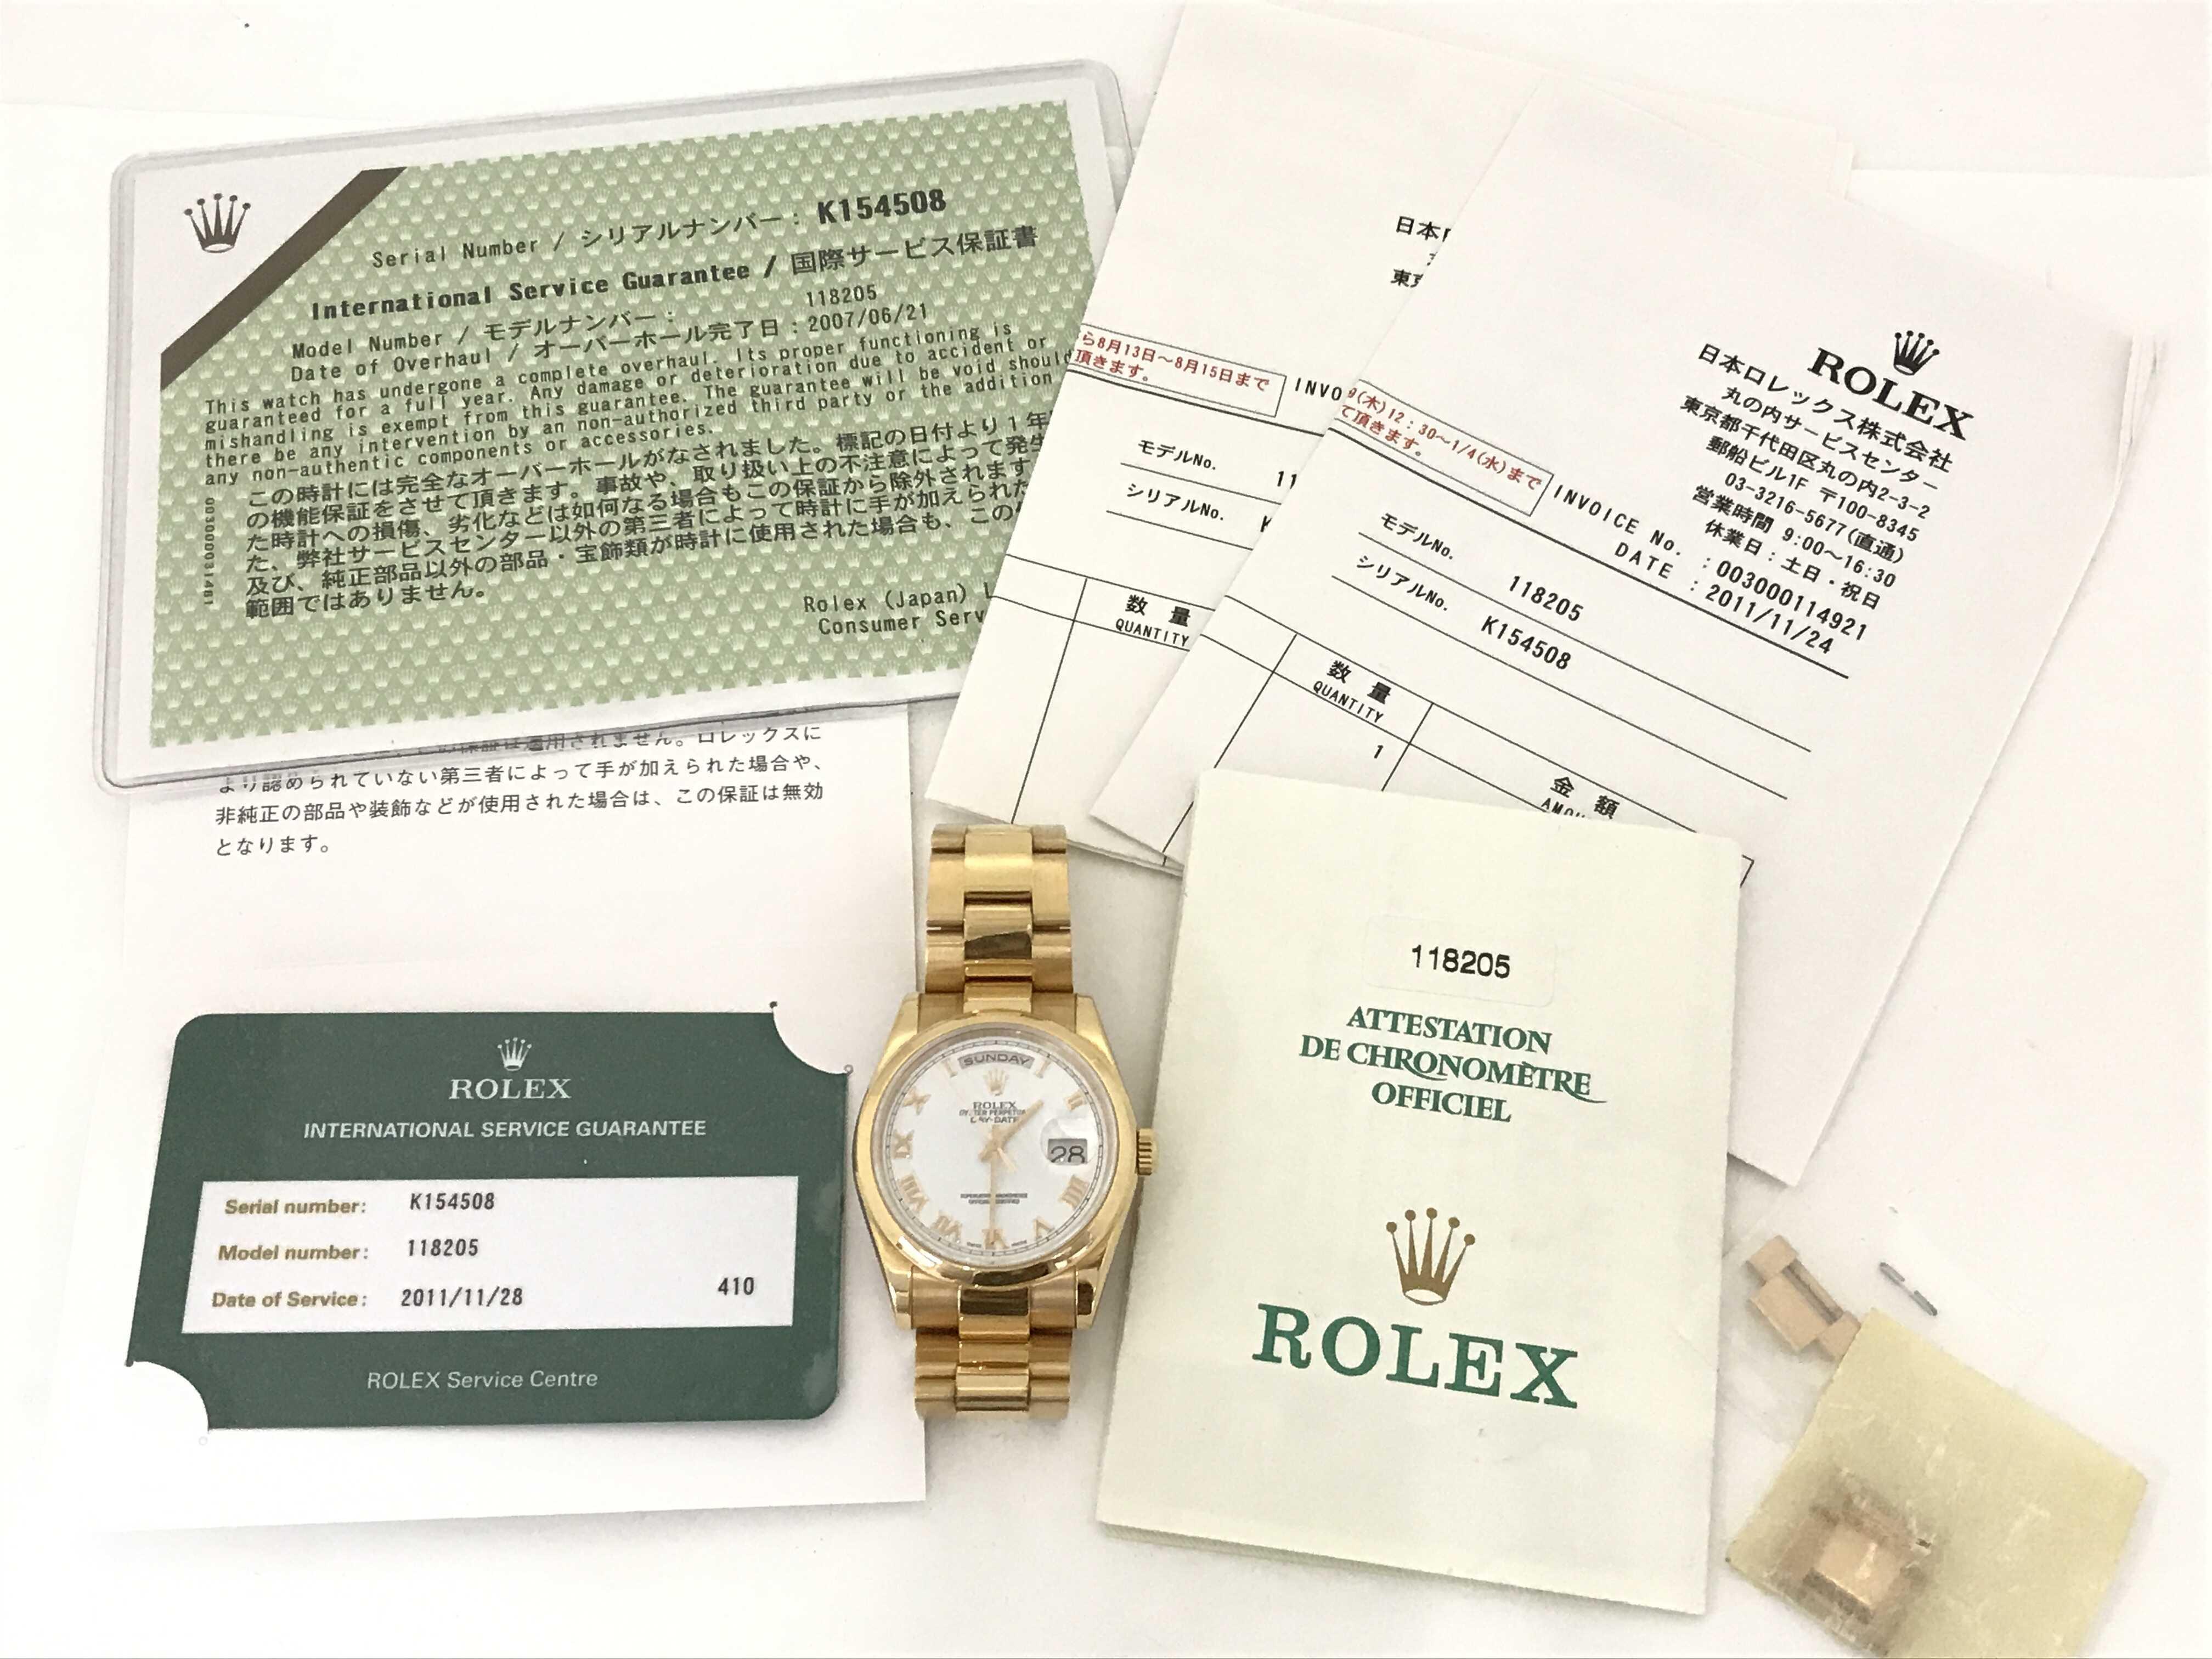 (1630_0297)ロレックス 118205 K154508 メンズ腕時計